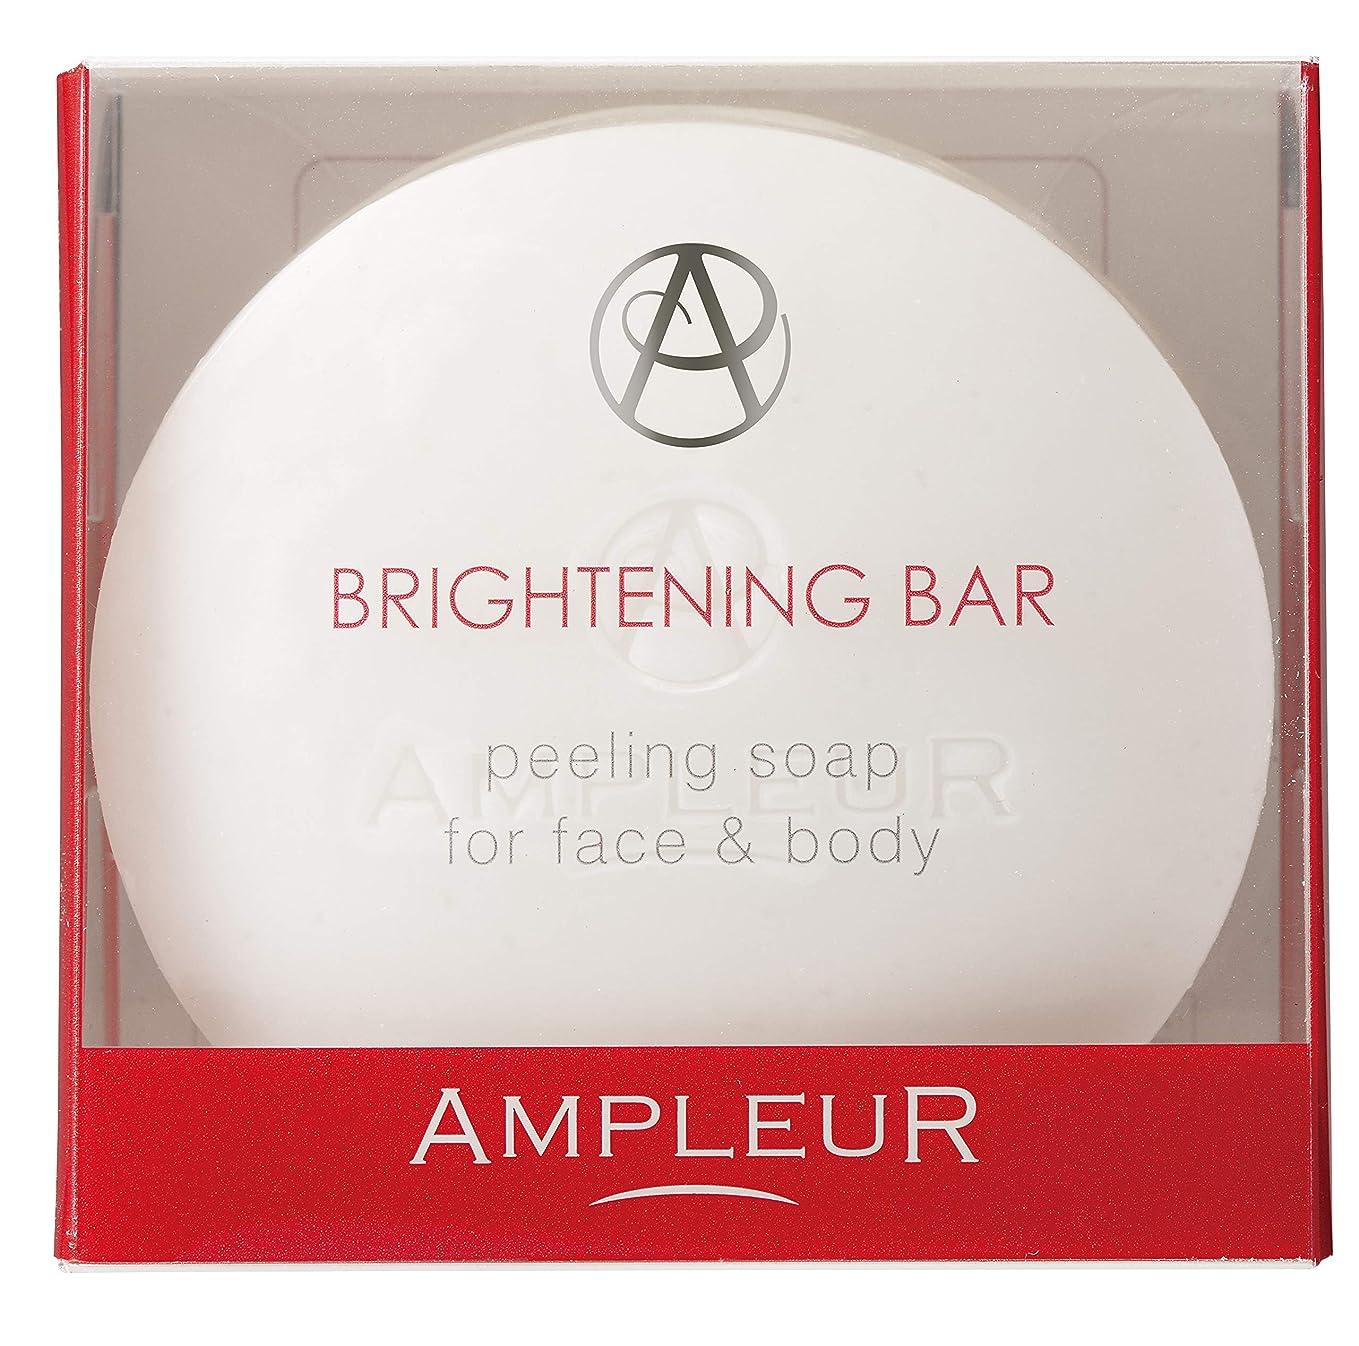 フェザー憂鬱電卓AMPLEUR(アンプルール) アンプルール ブライトニングバー 80g